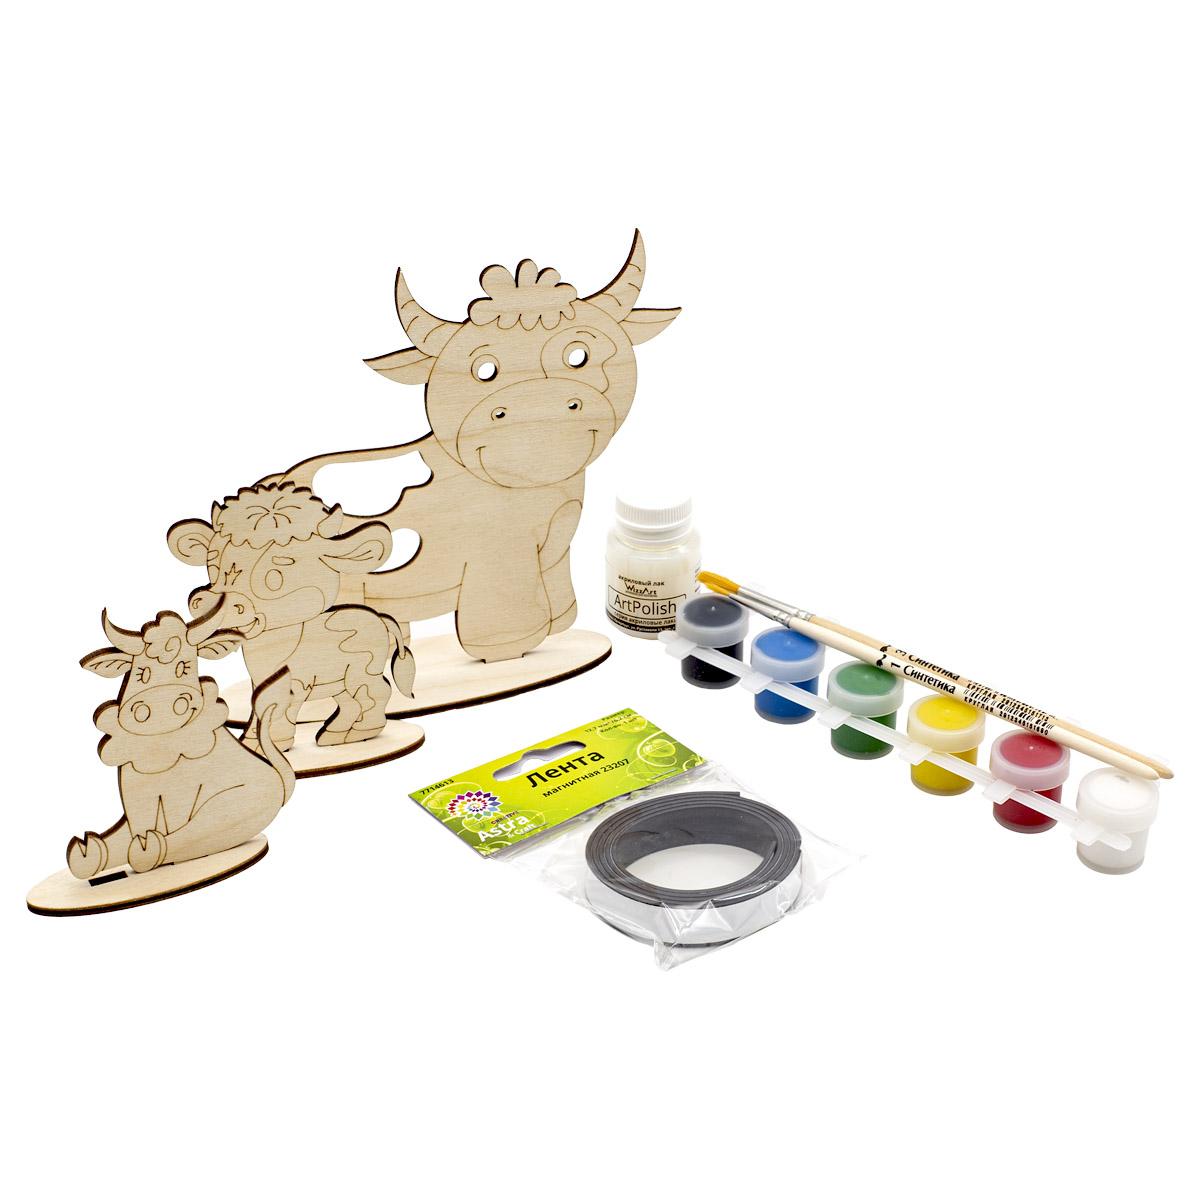 Набор для раскрашивания деревянных заготовок 'Бычки' №1, 8 предметов, Astra&Craft